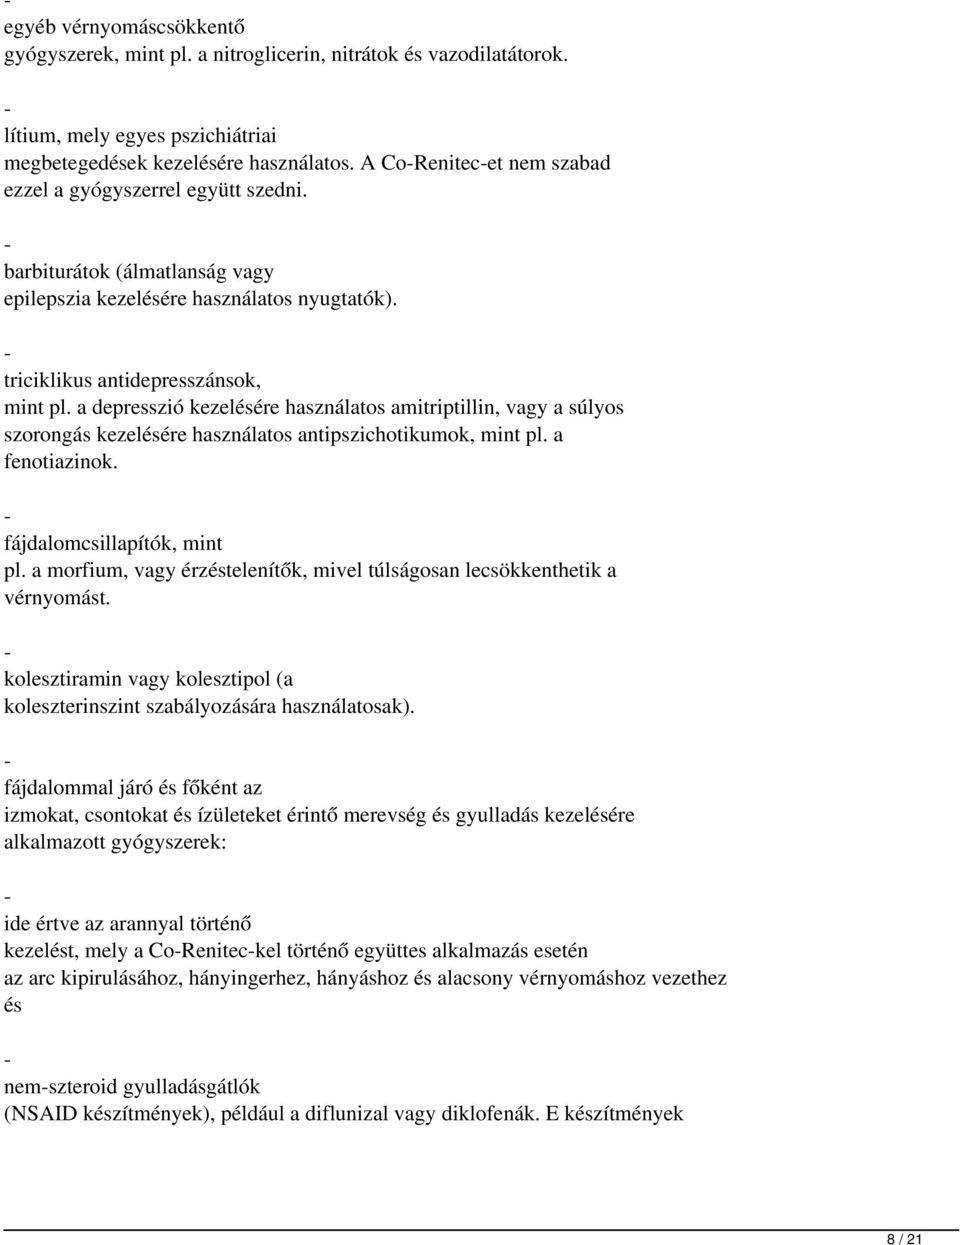 NITROMINT 8 mg/g szájnyálkahártyán alkalmazott spray - Gyógyszerkereső - Háutosfeszt.hu